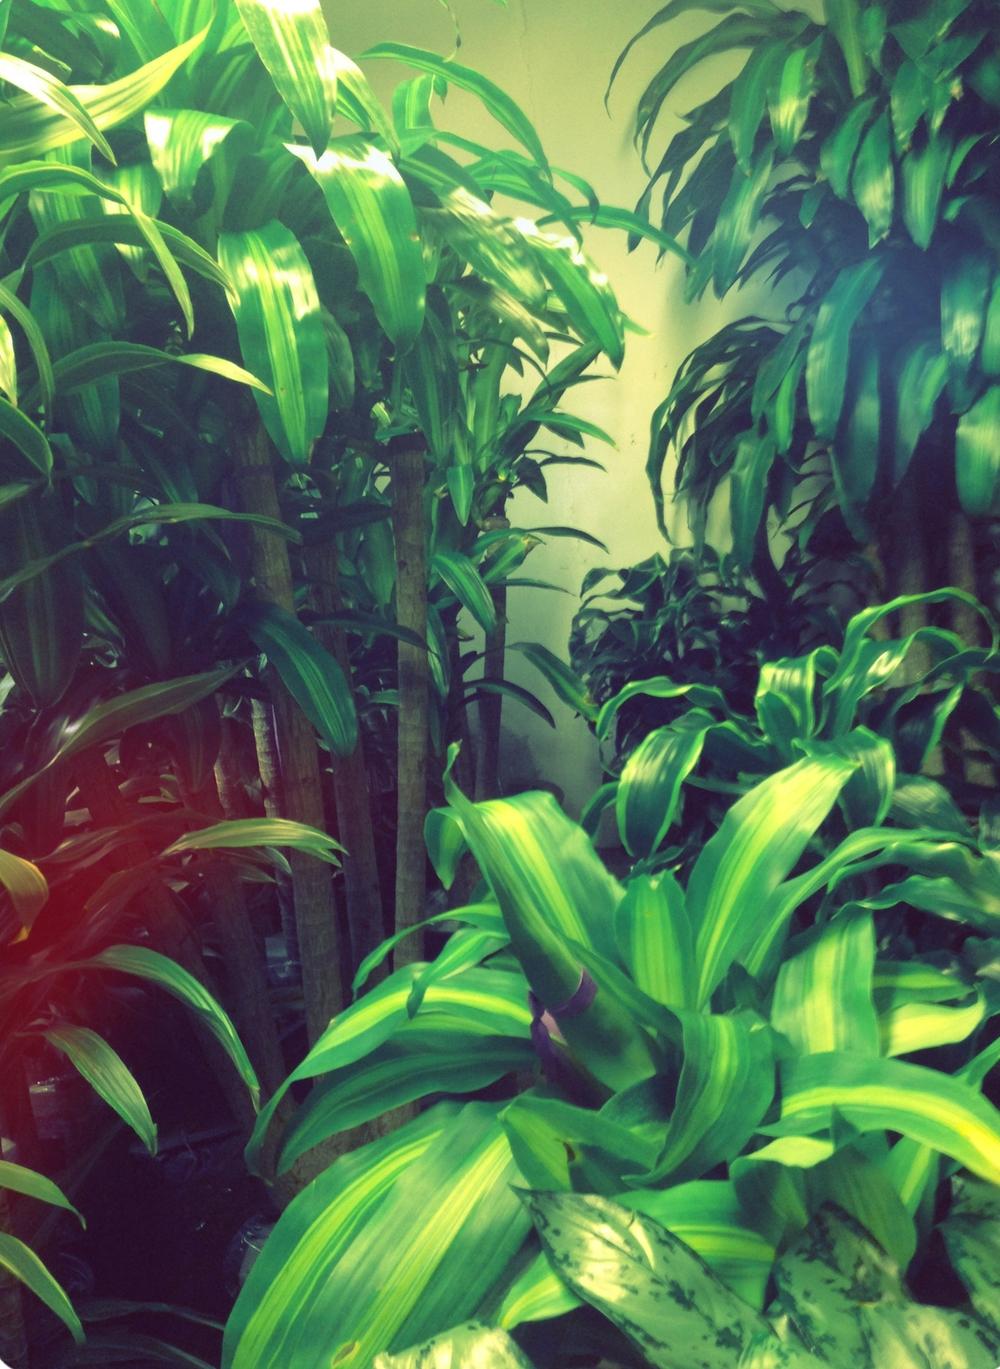 Leafyleafs.jpg